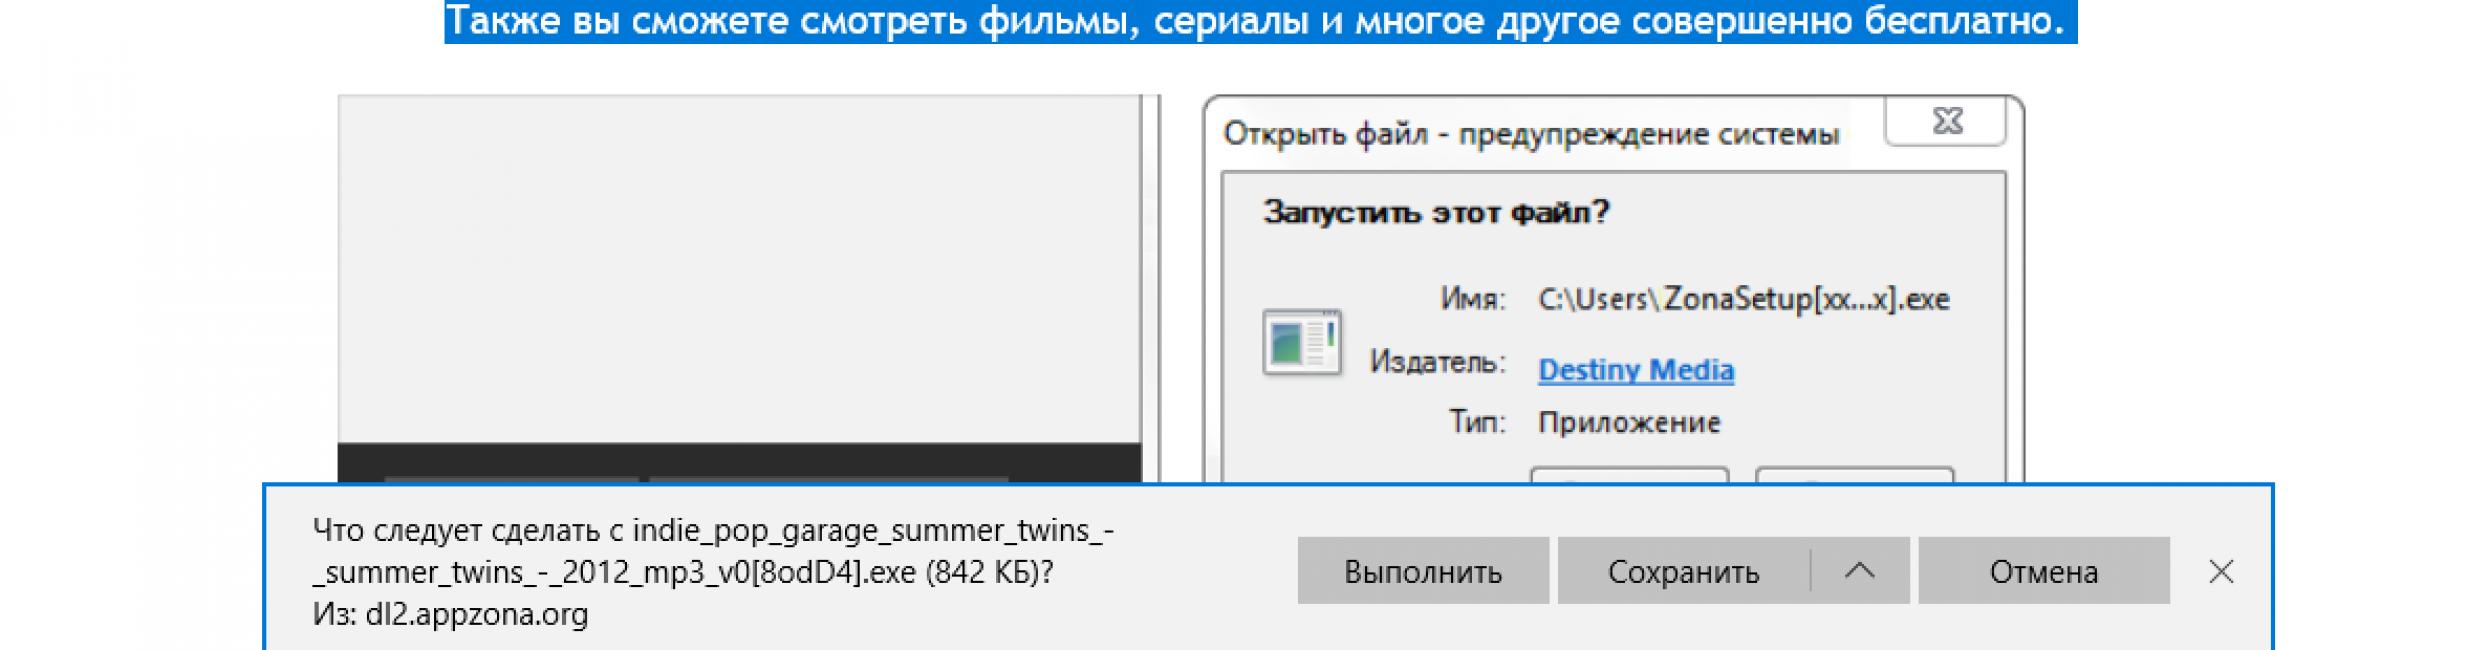 Предложение вариантов сохранения нового файла